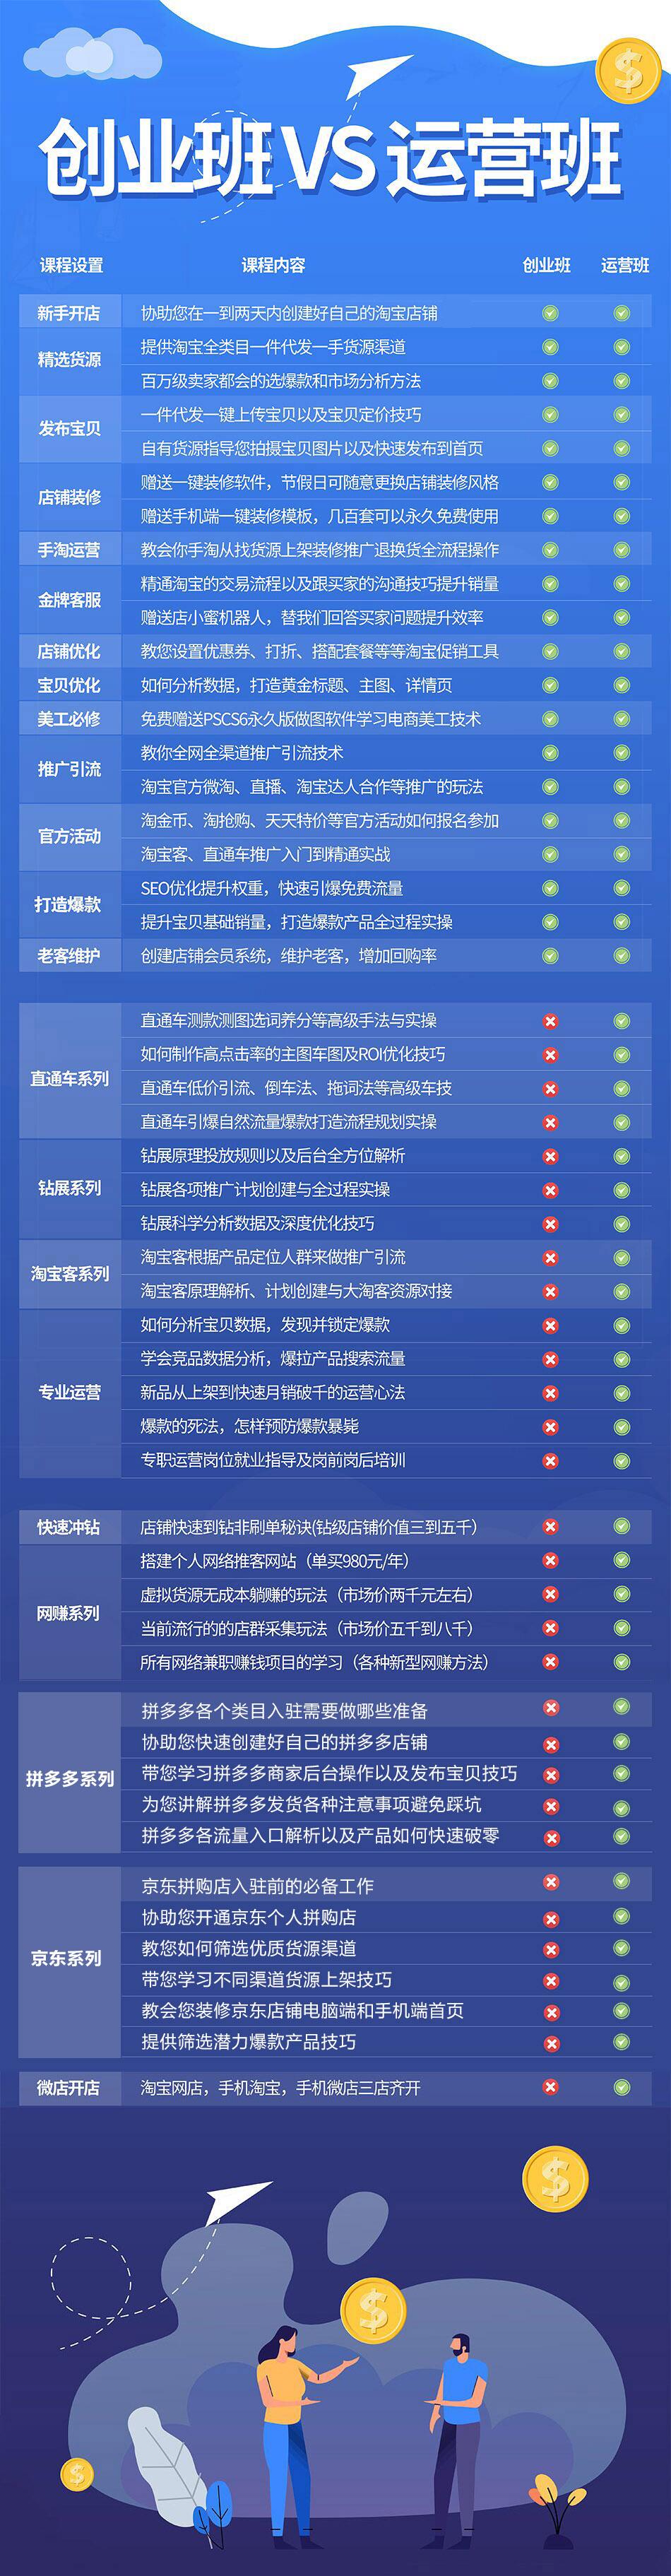 3.23创业班与运营班差别2.jpg